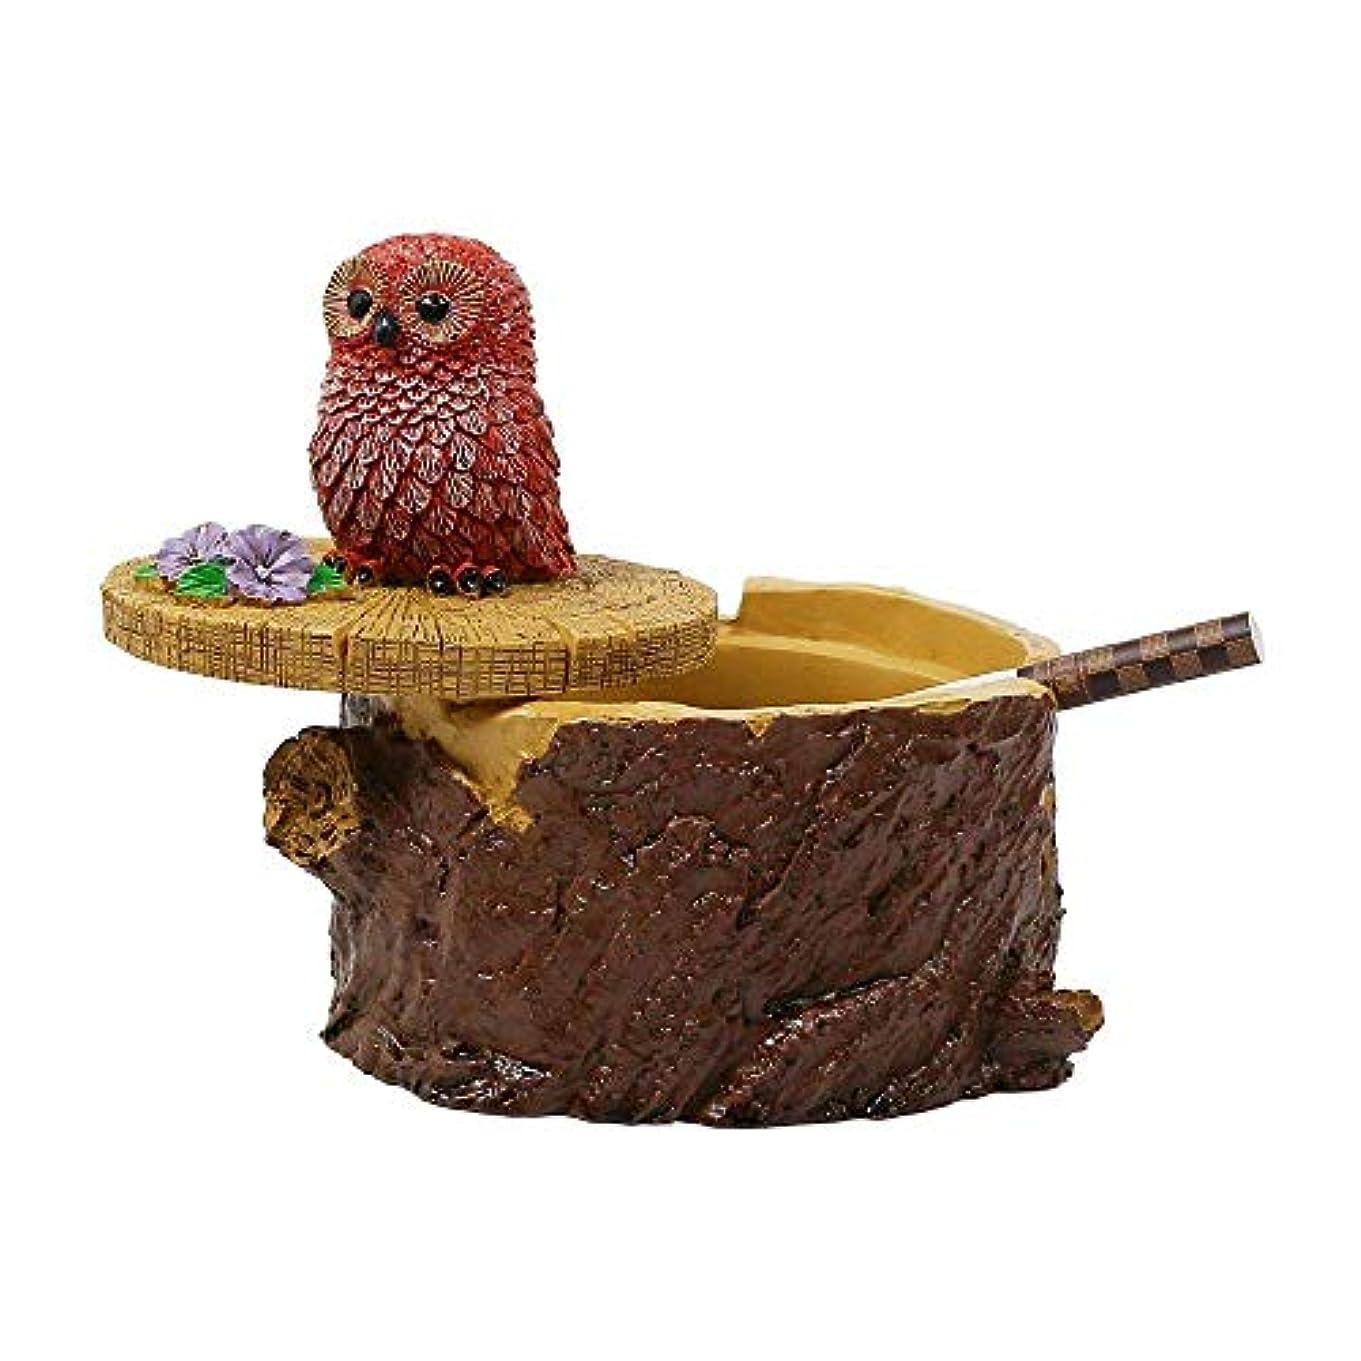 凍るピジン膜タバコのための屋外灰皿家庭と庭のための蓋のかわいい樹脂フクロウの灰皿